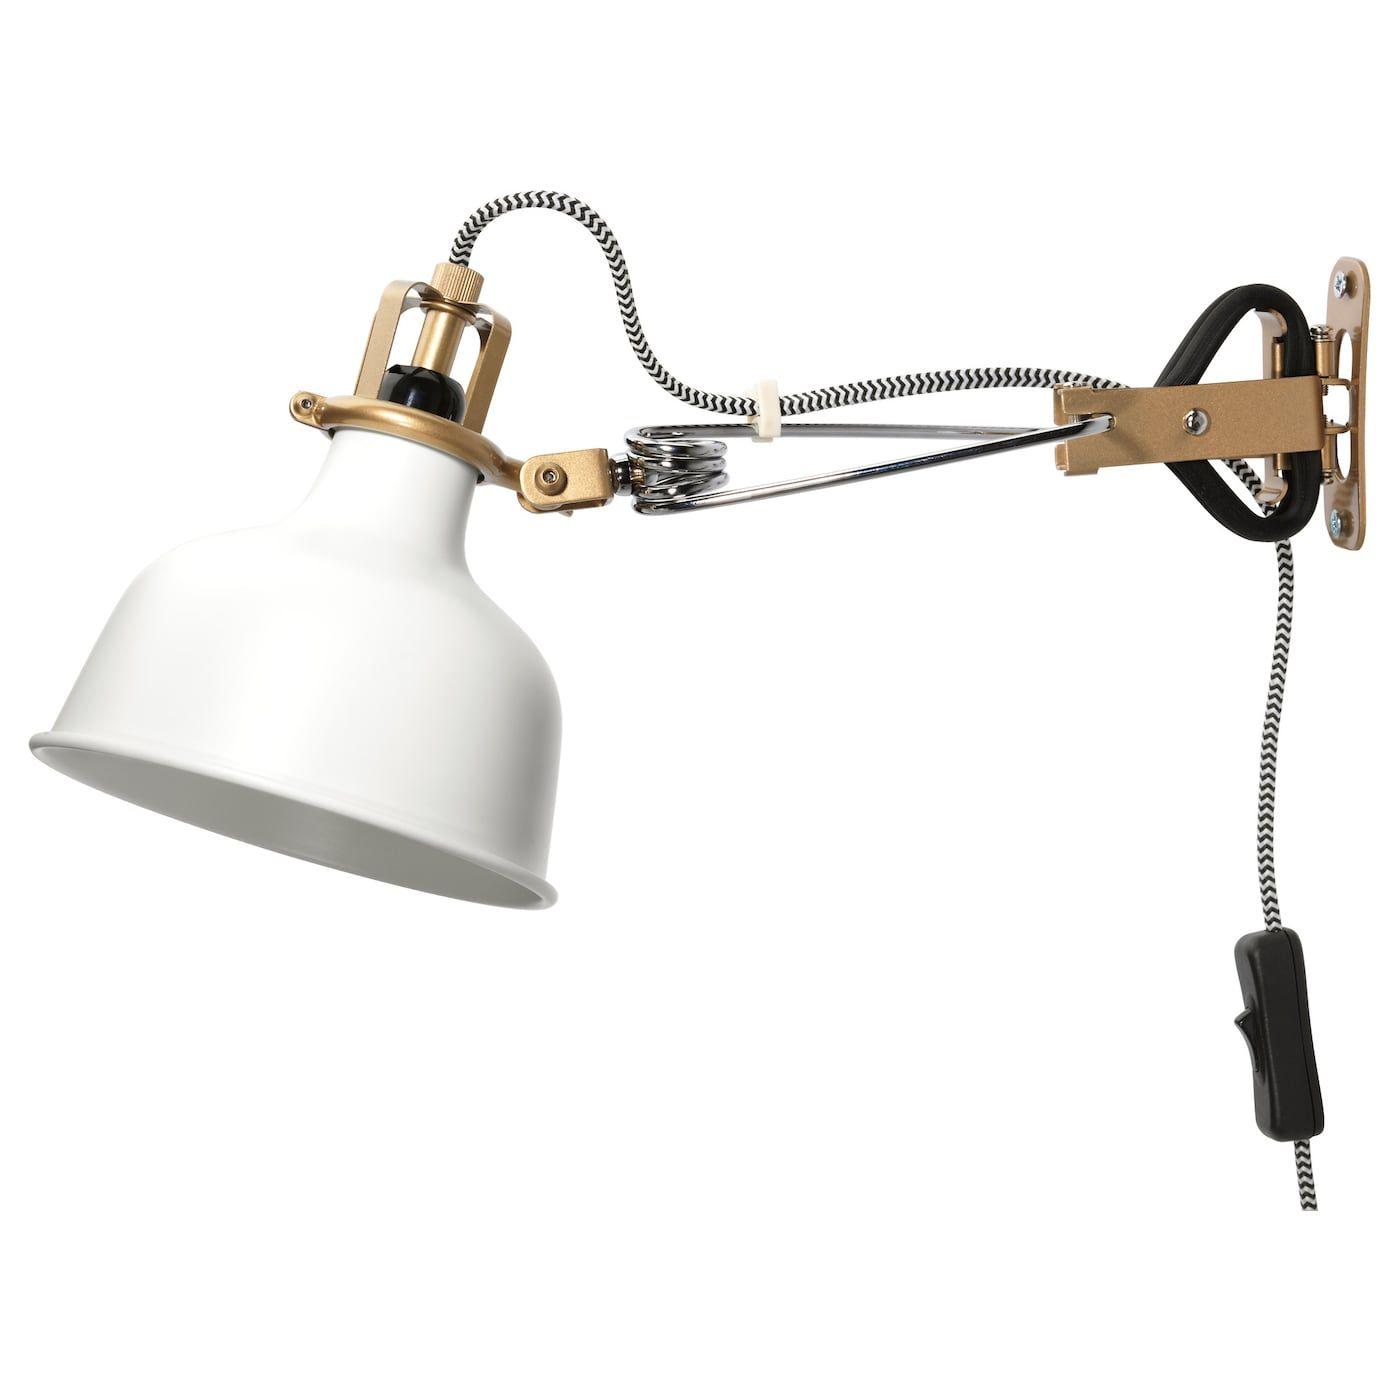 RANARP Vägg klämspot off white (med bilder)   Sänglampa